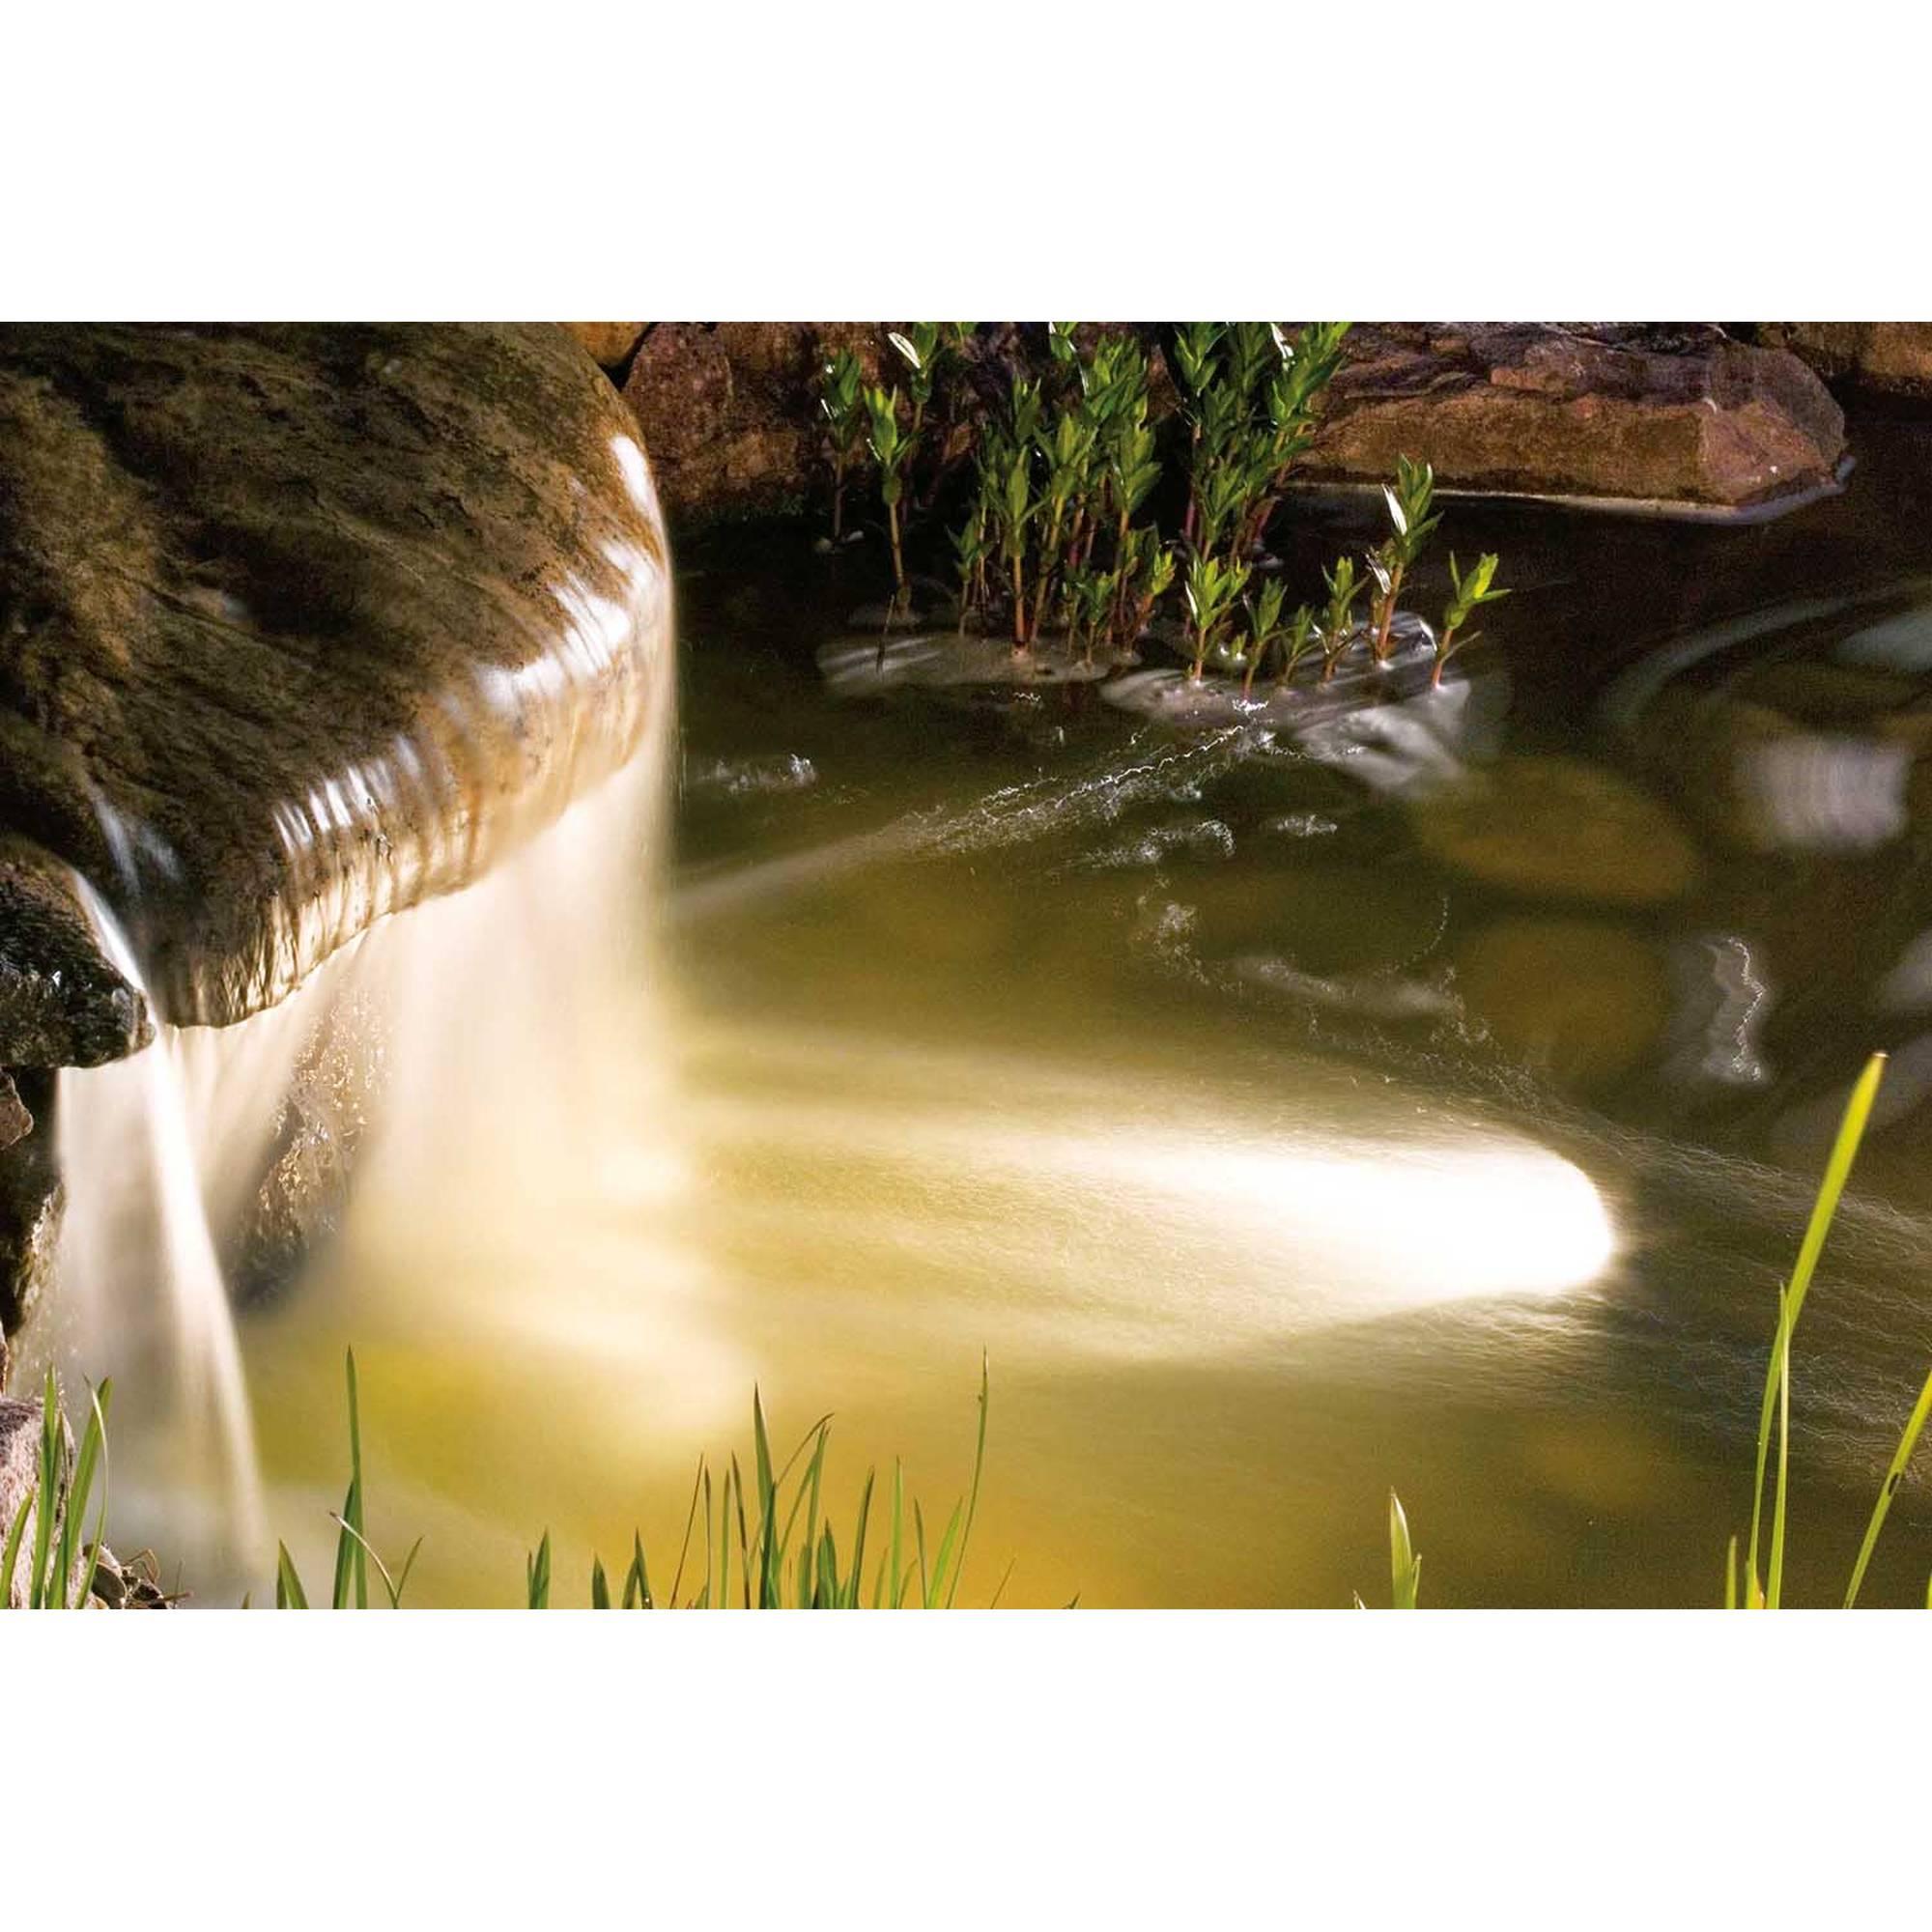 Teich- und Gartenlicht LED High Power 3W von Heissner